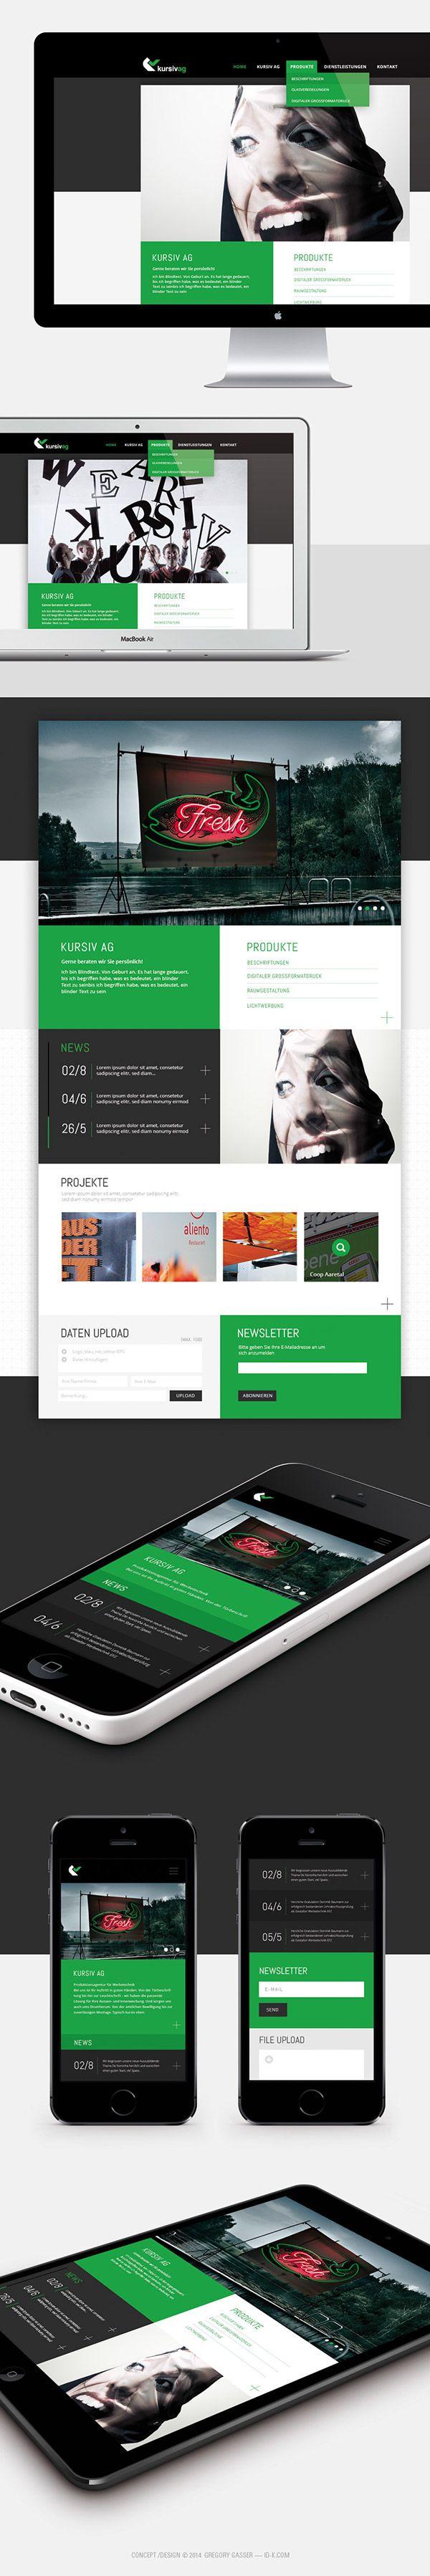 Webdesign, gregory gasser –  on Behance